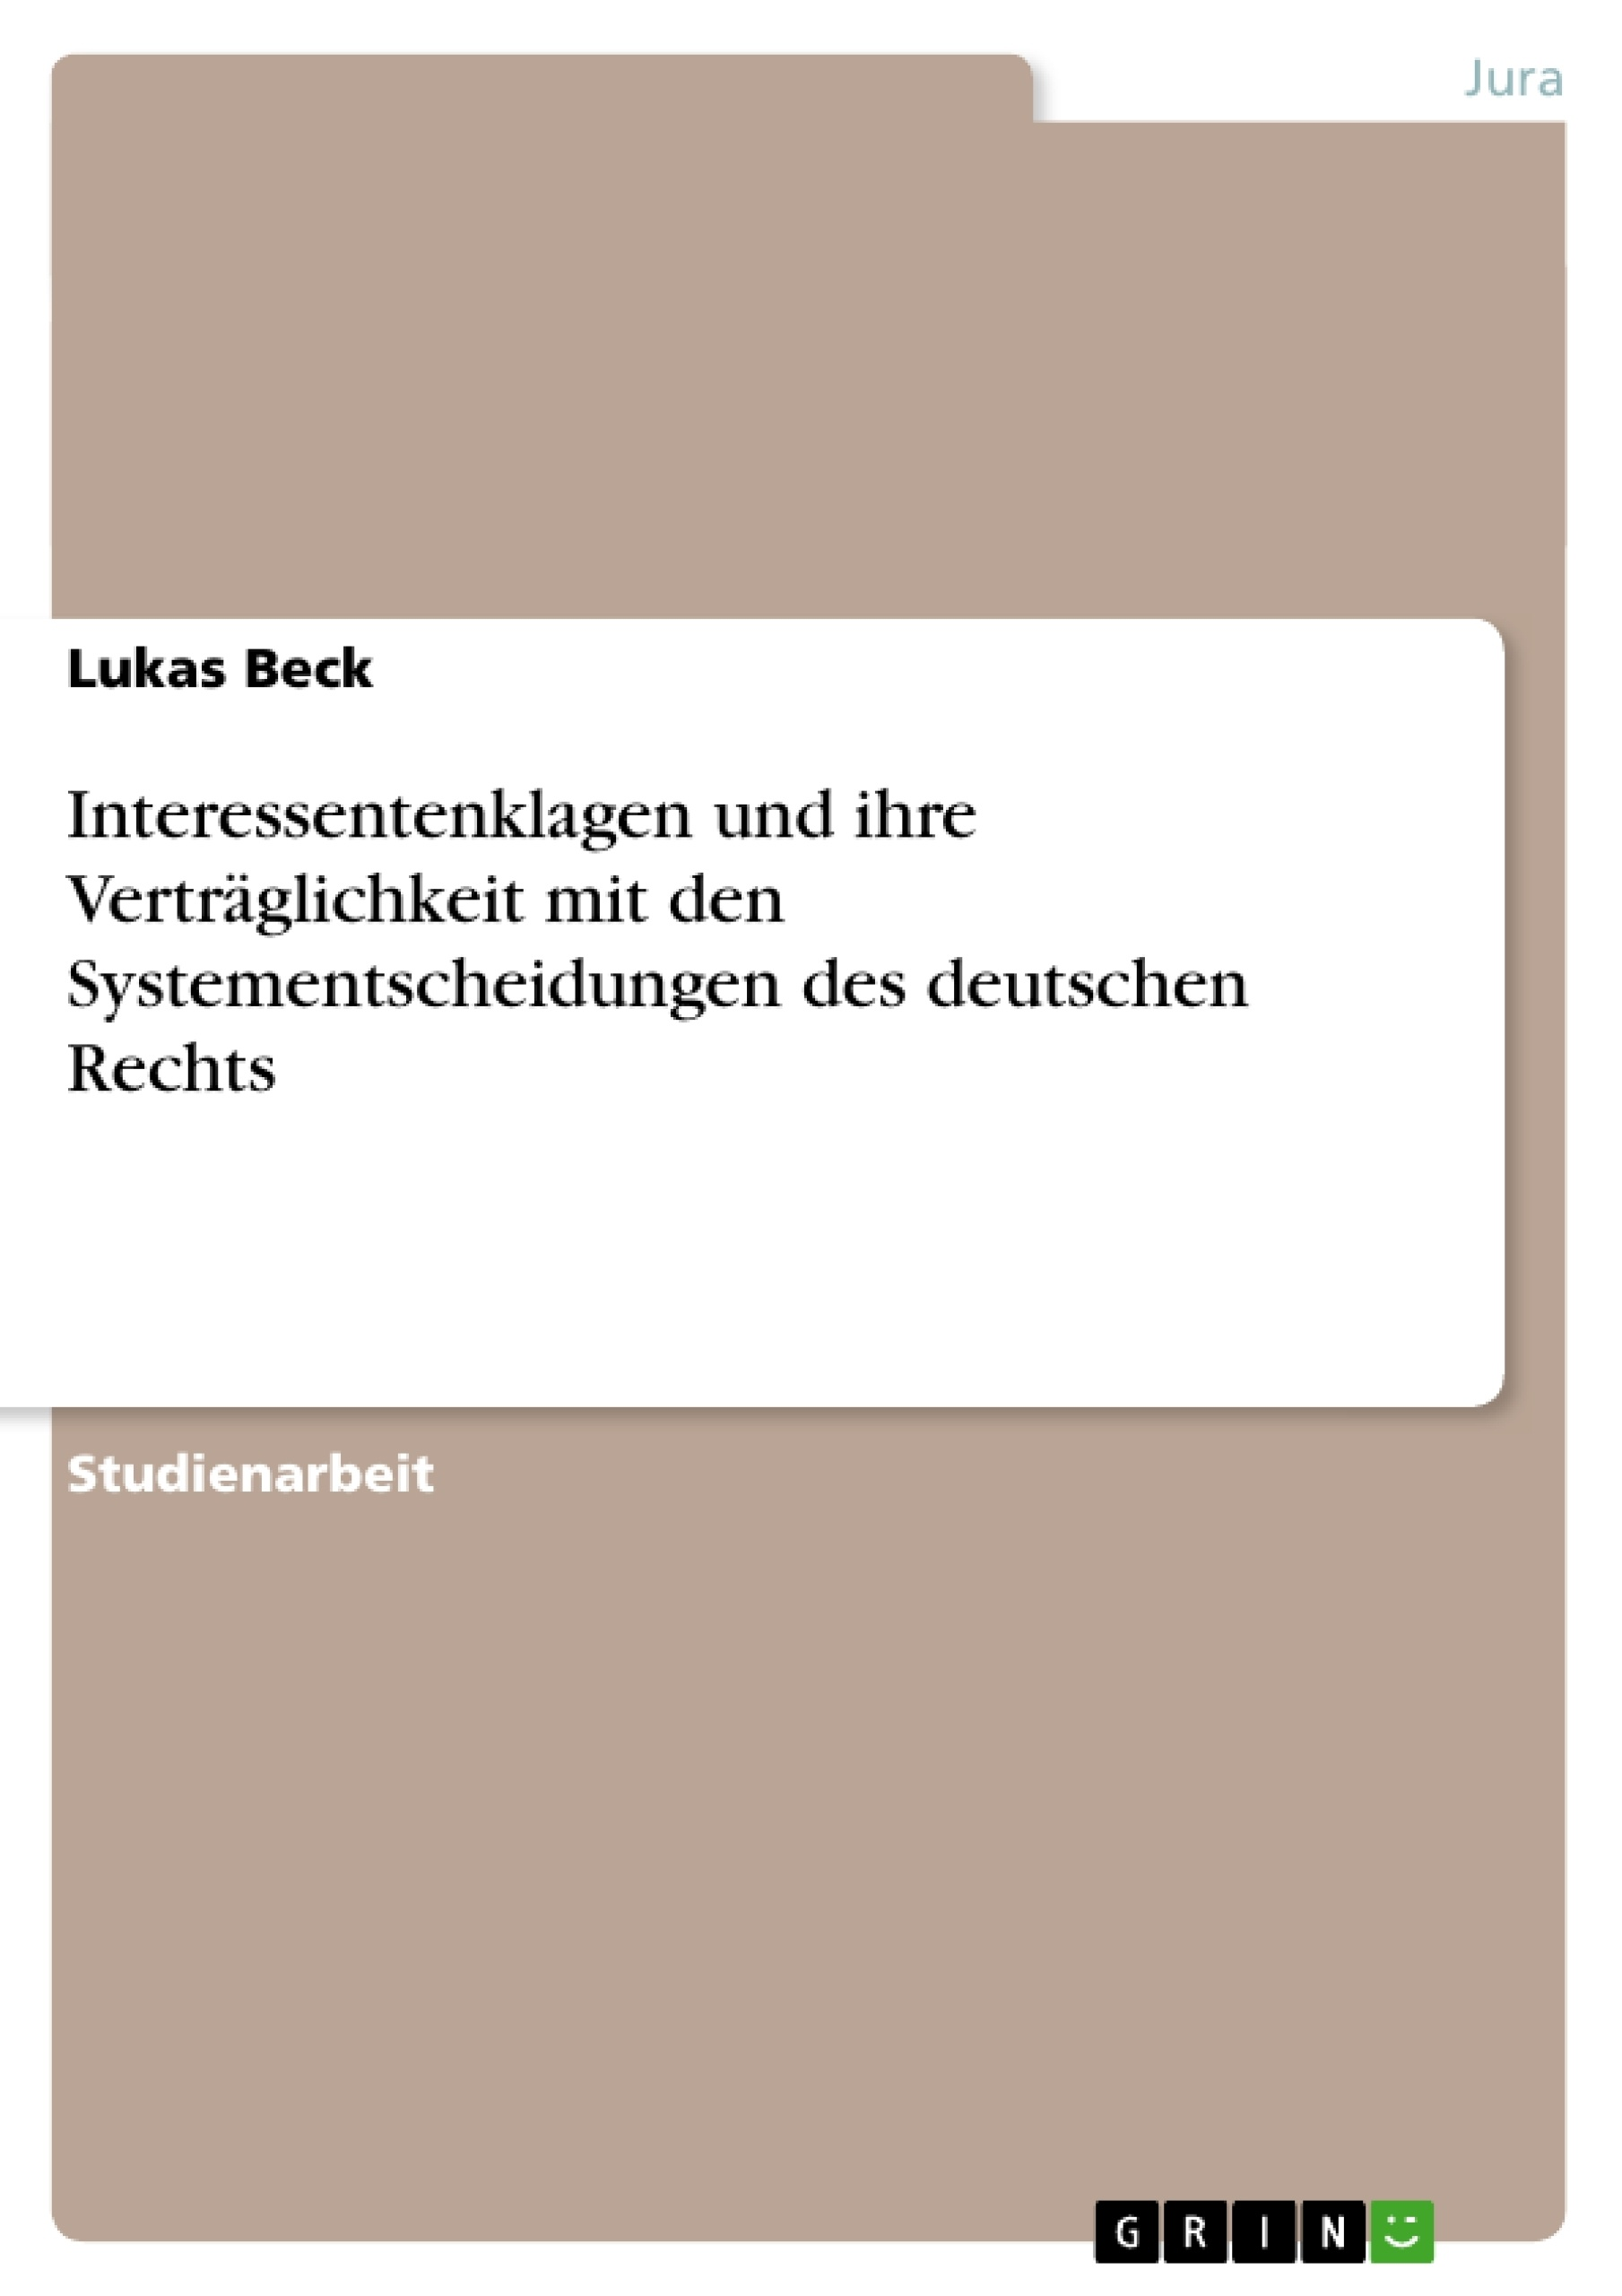 Titel: Interessentenklagen und ihre Verträglichkeit mit den Systementscheidungen des deutschen Rechts